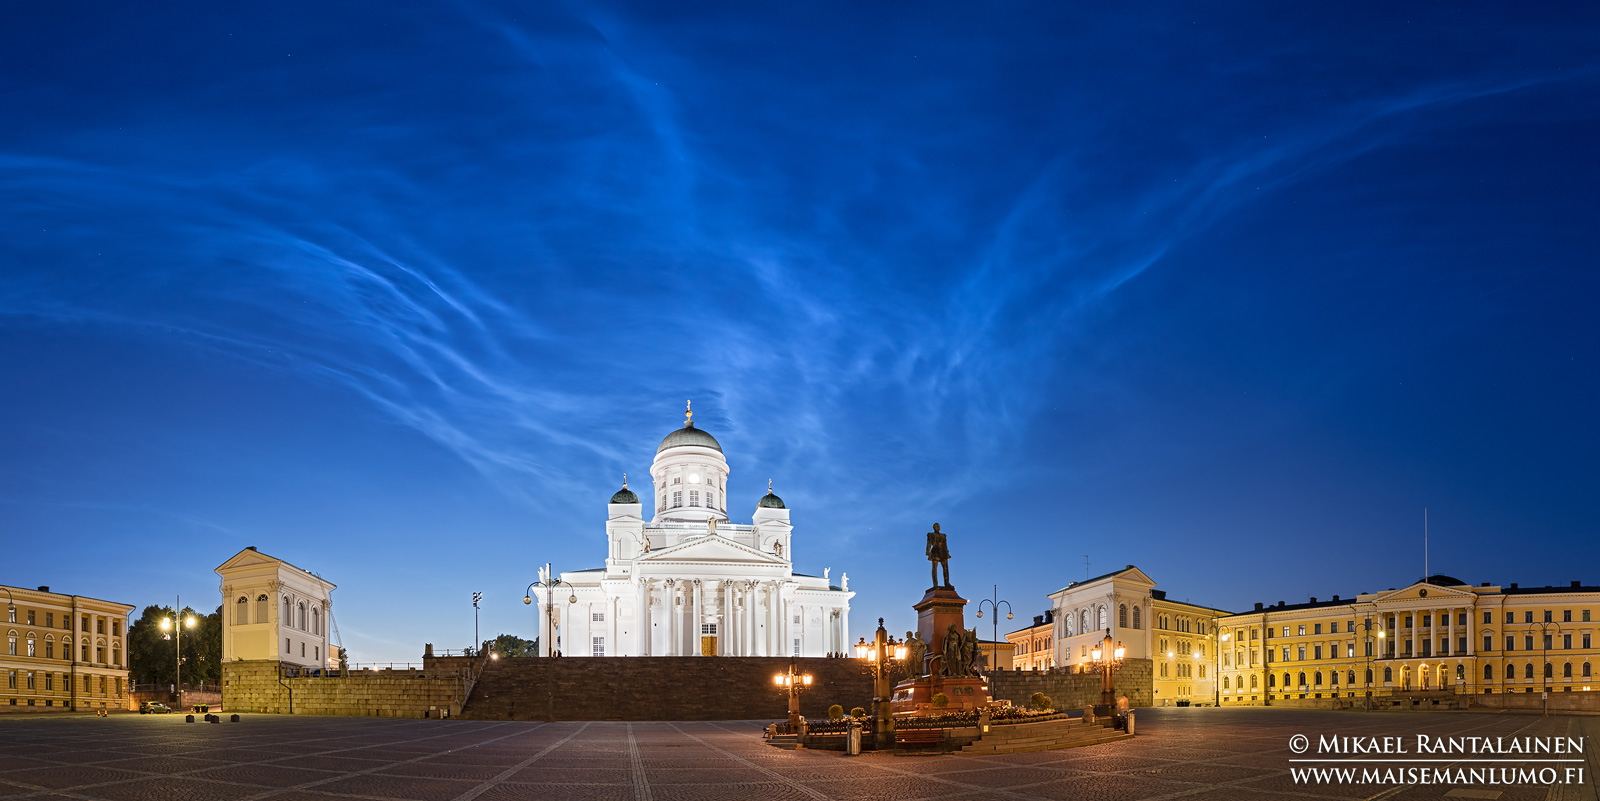 Valaisevia yöpilviä, Tuomiokirkko ja Aleksanteri II:n patsas, Senaatintori, Helsinki (HP197)